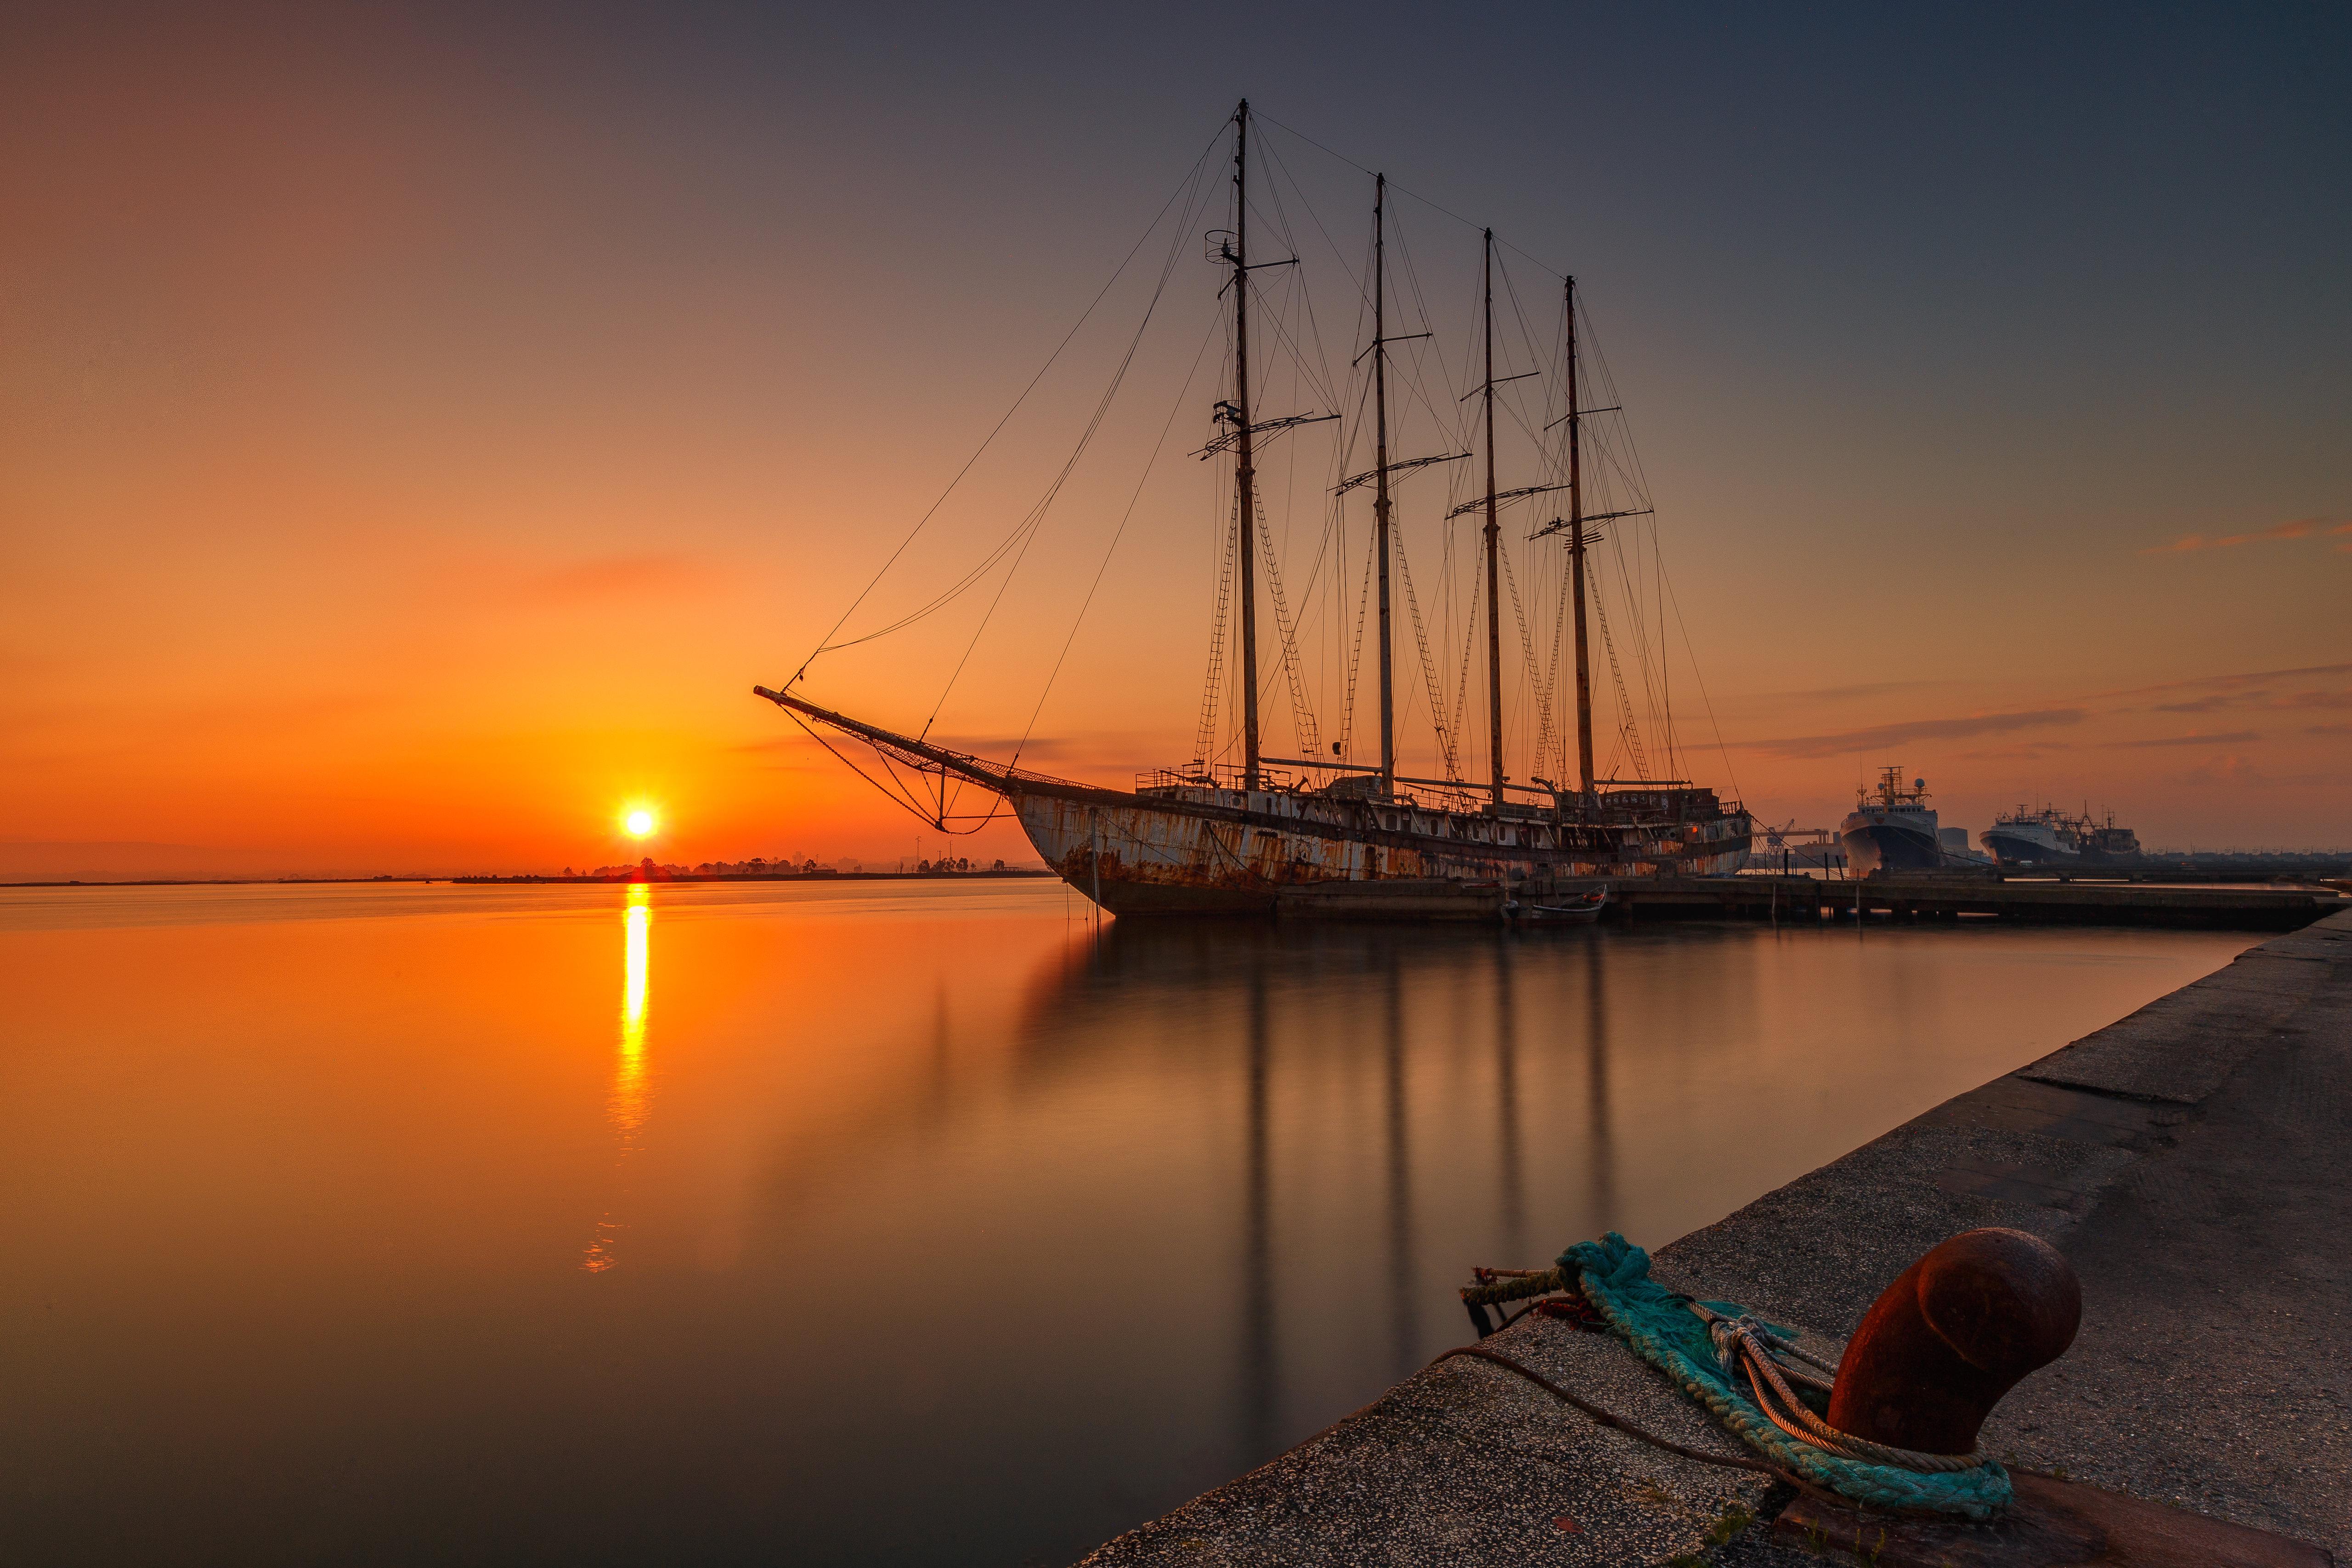 Картинки солнца Природа корабль Рассветы и закаты Пристань 5120x3414 Солнце Корабли рассвет и закат Пирсы Причалы